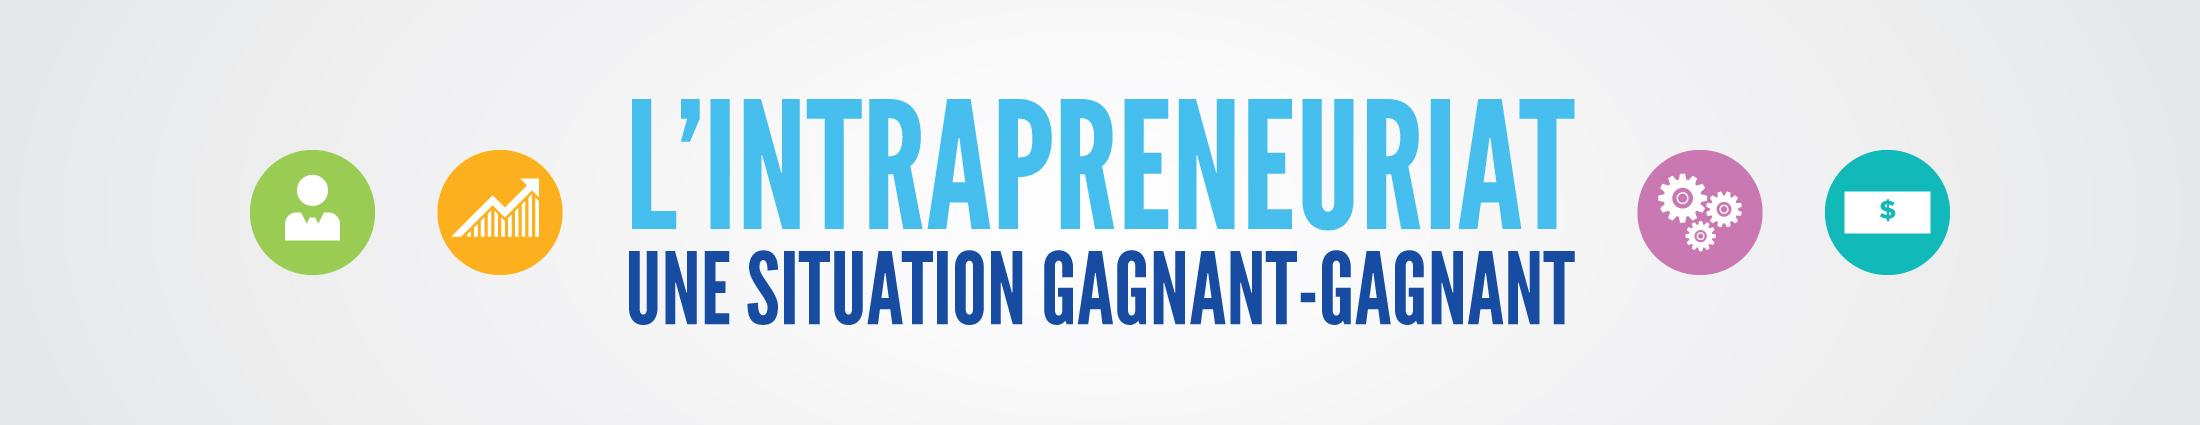 Gagnant-Gagnant [Banner Image]